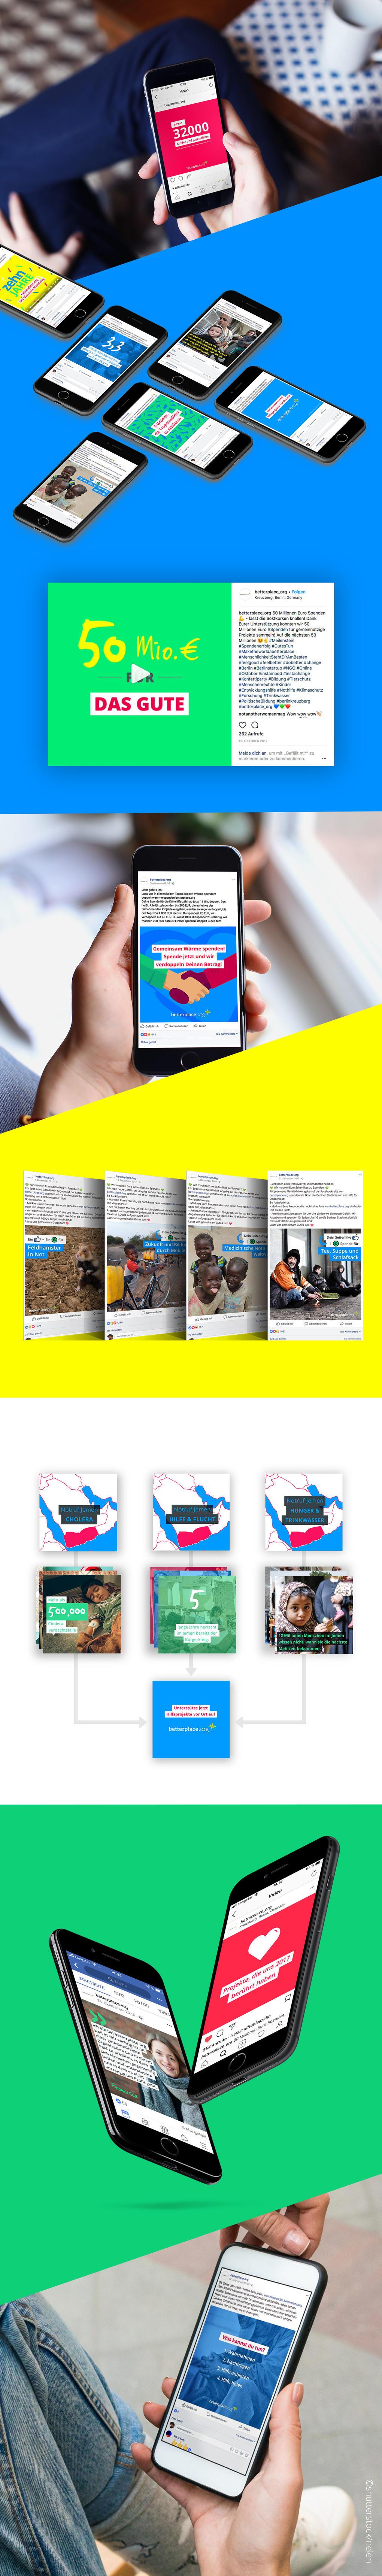 Projektaufbereitung für die Unterstützung in der Social Media Kommunikation von betterplace.org